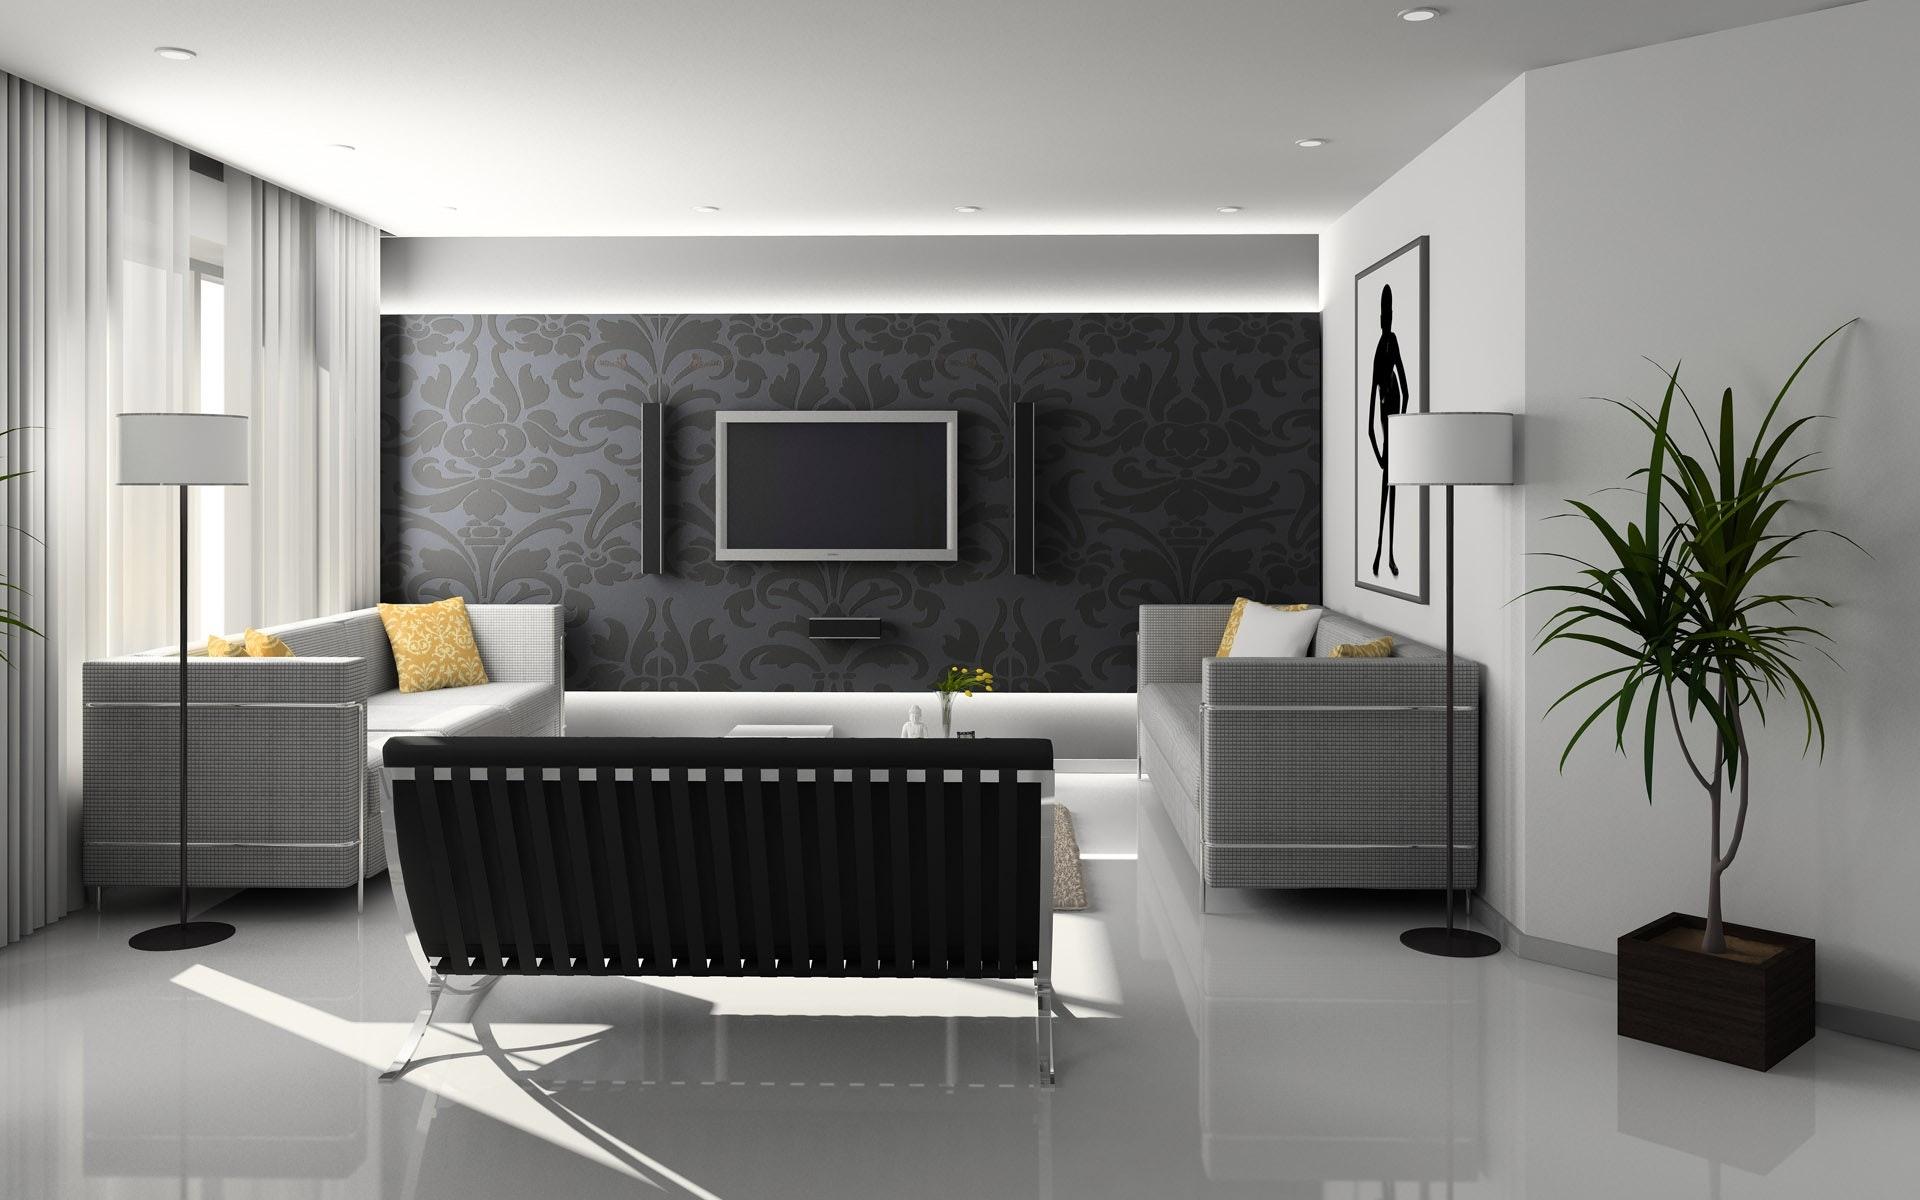 Sala de estar com sofás, cadeiras e televisão